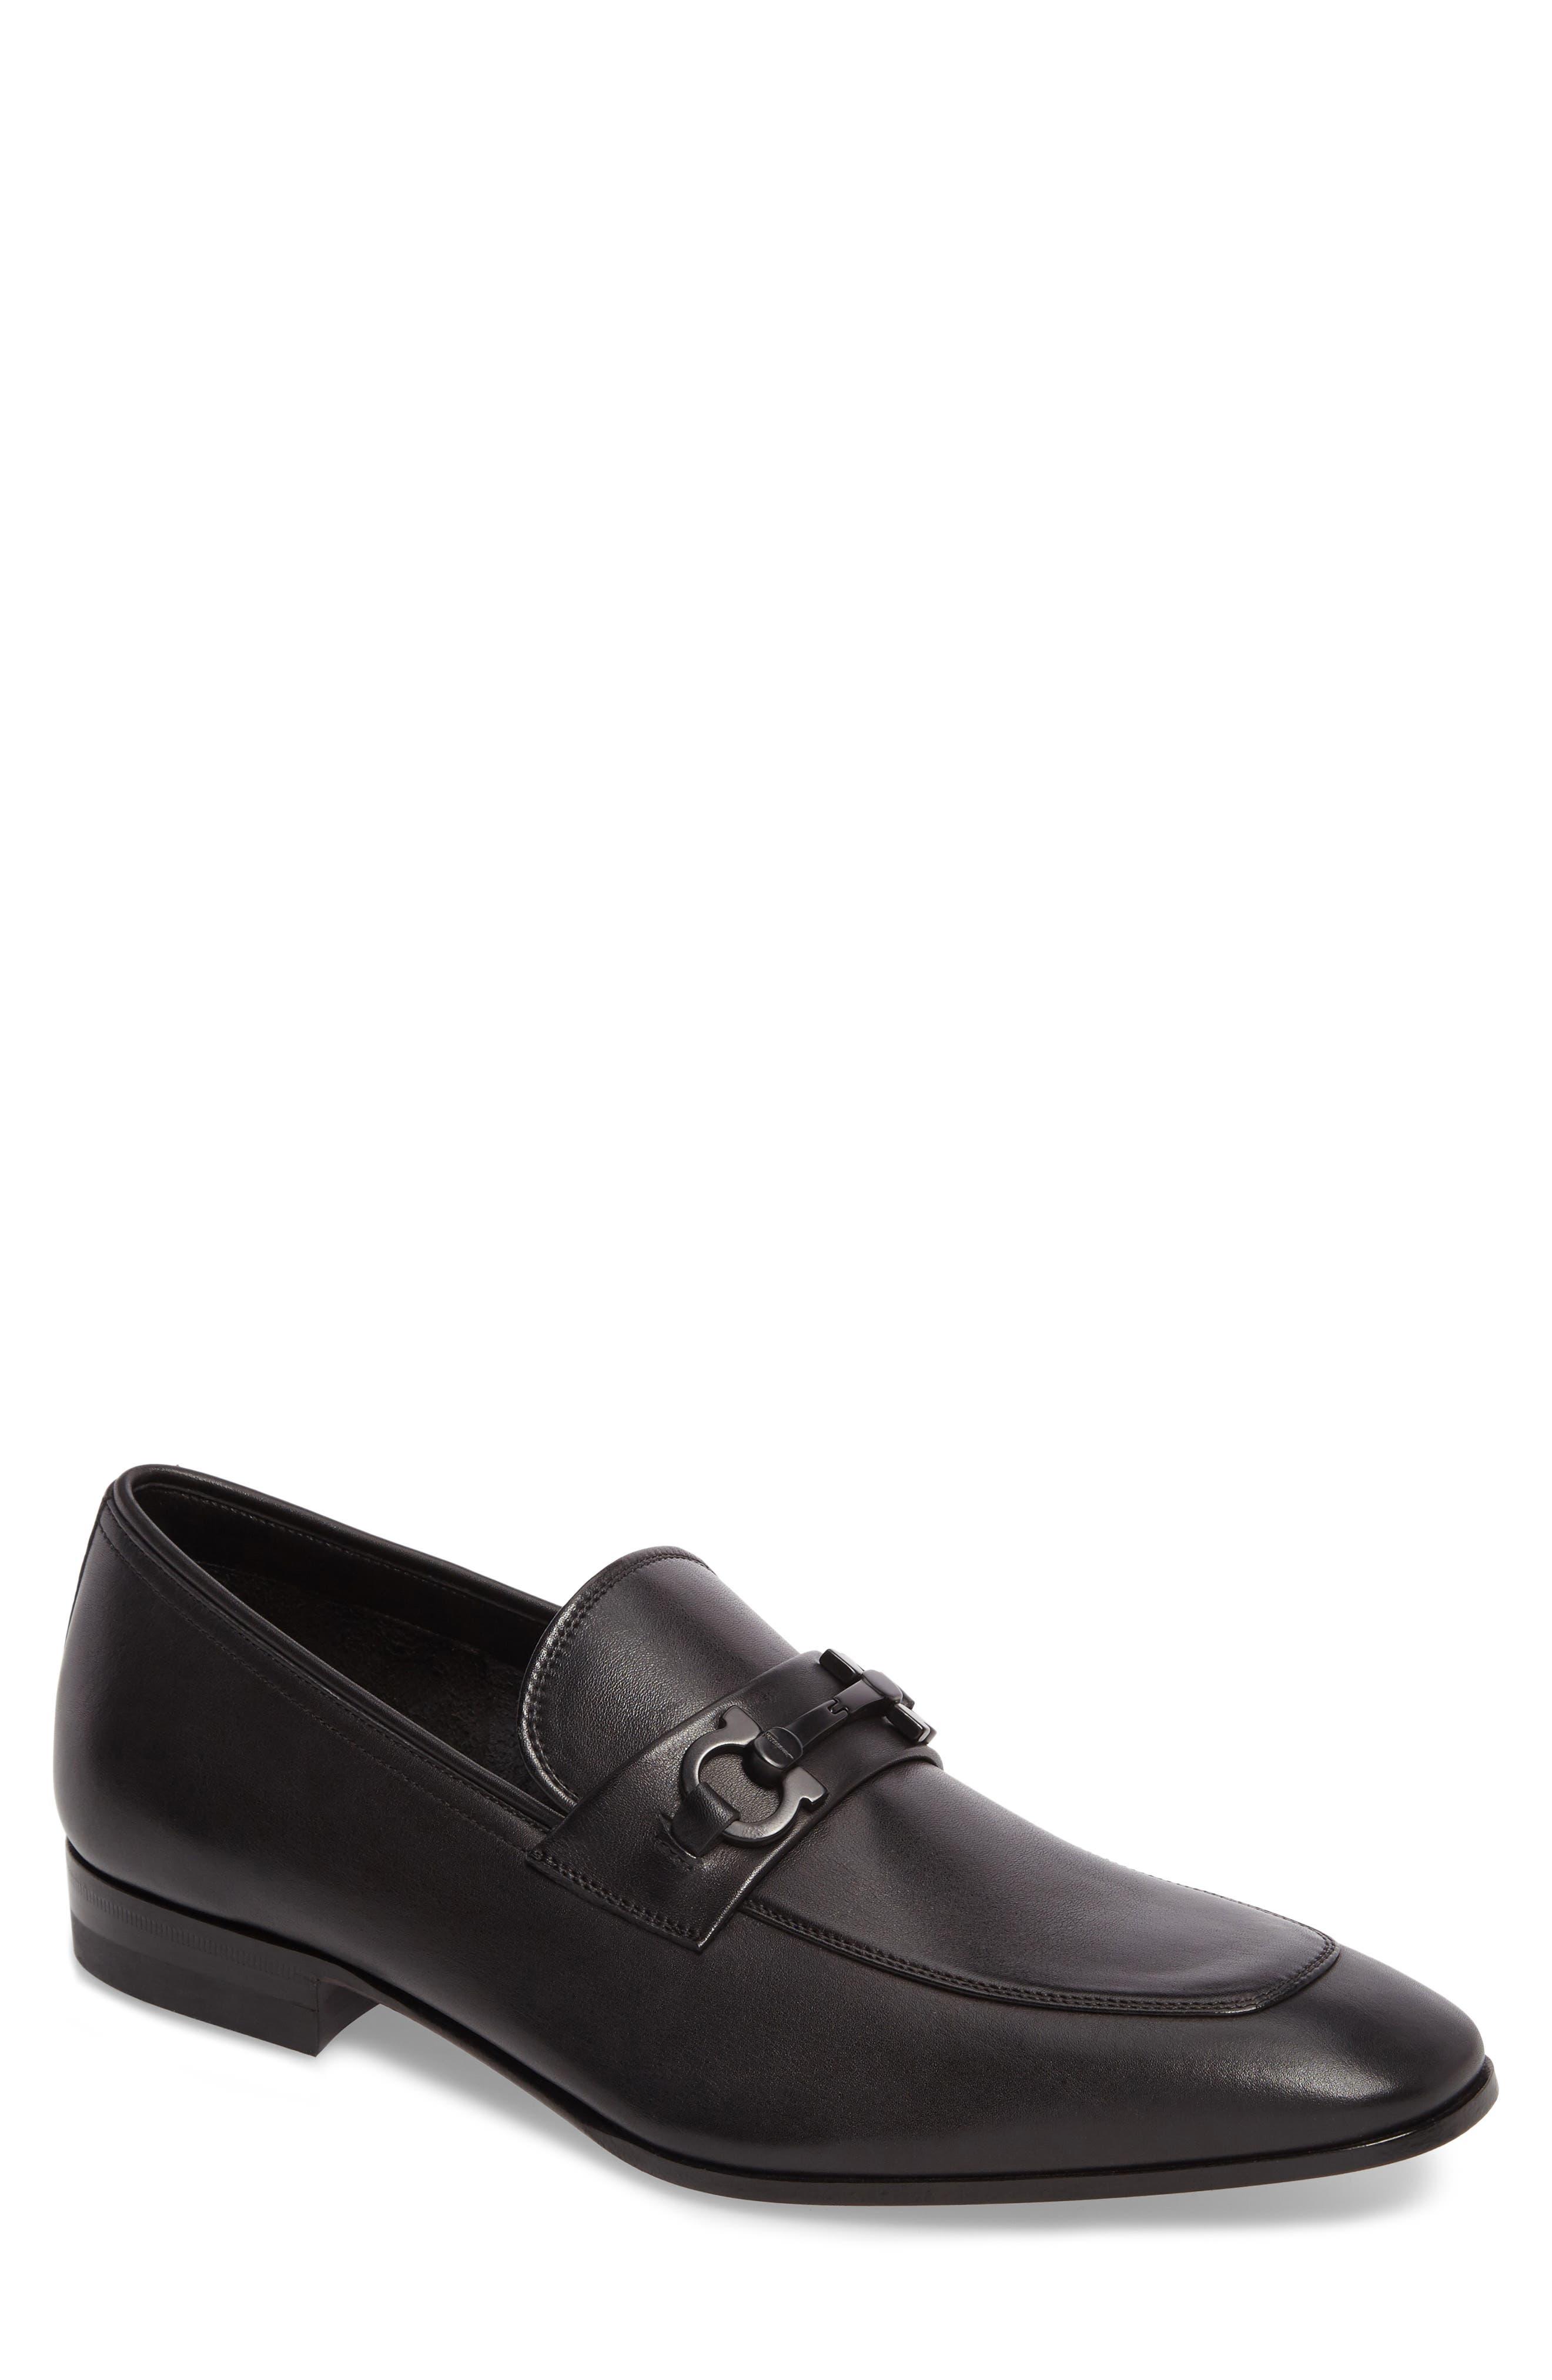 Cremona Bit Loafer,                         Main,                         color, NERO